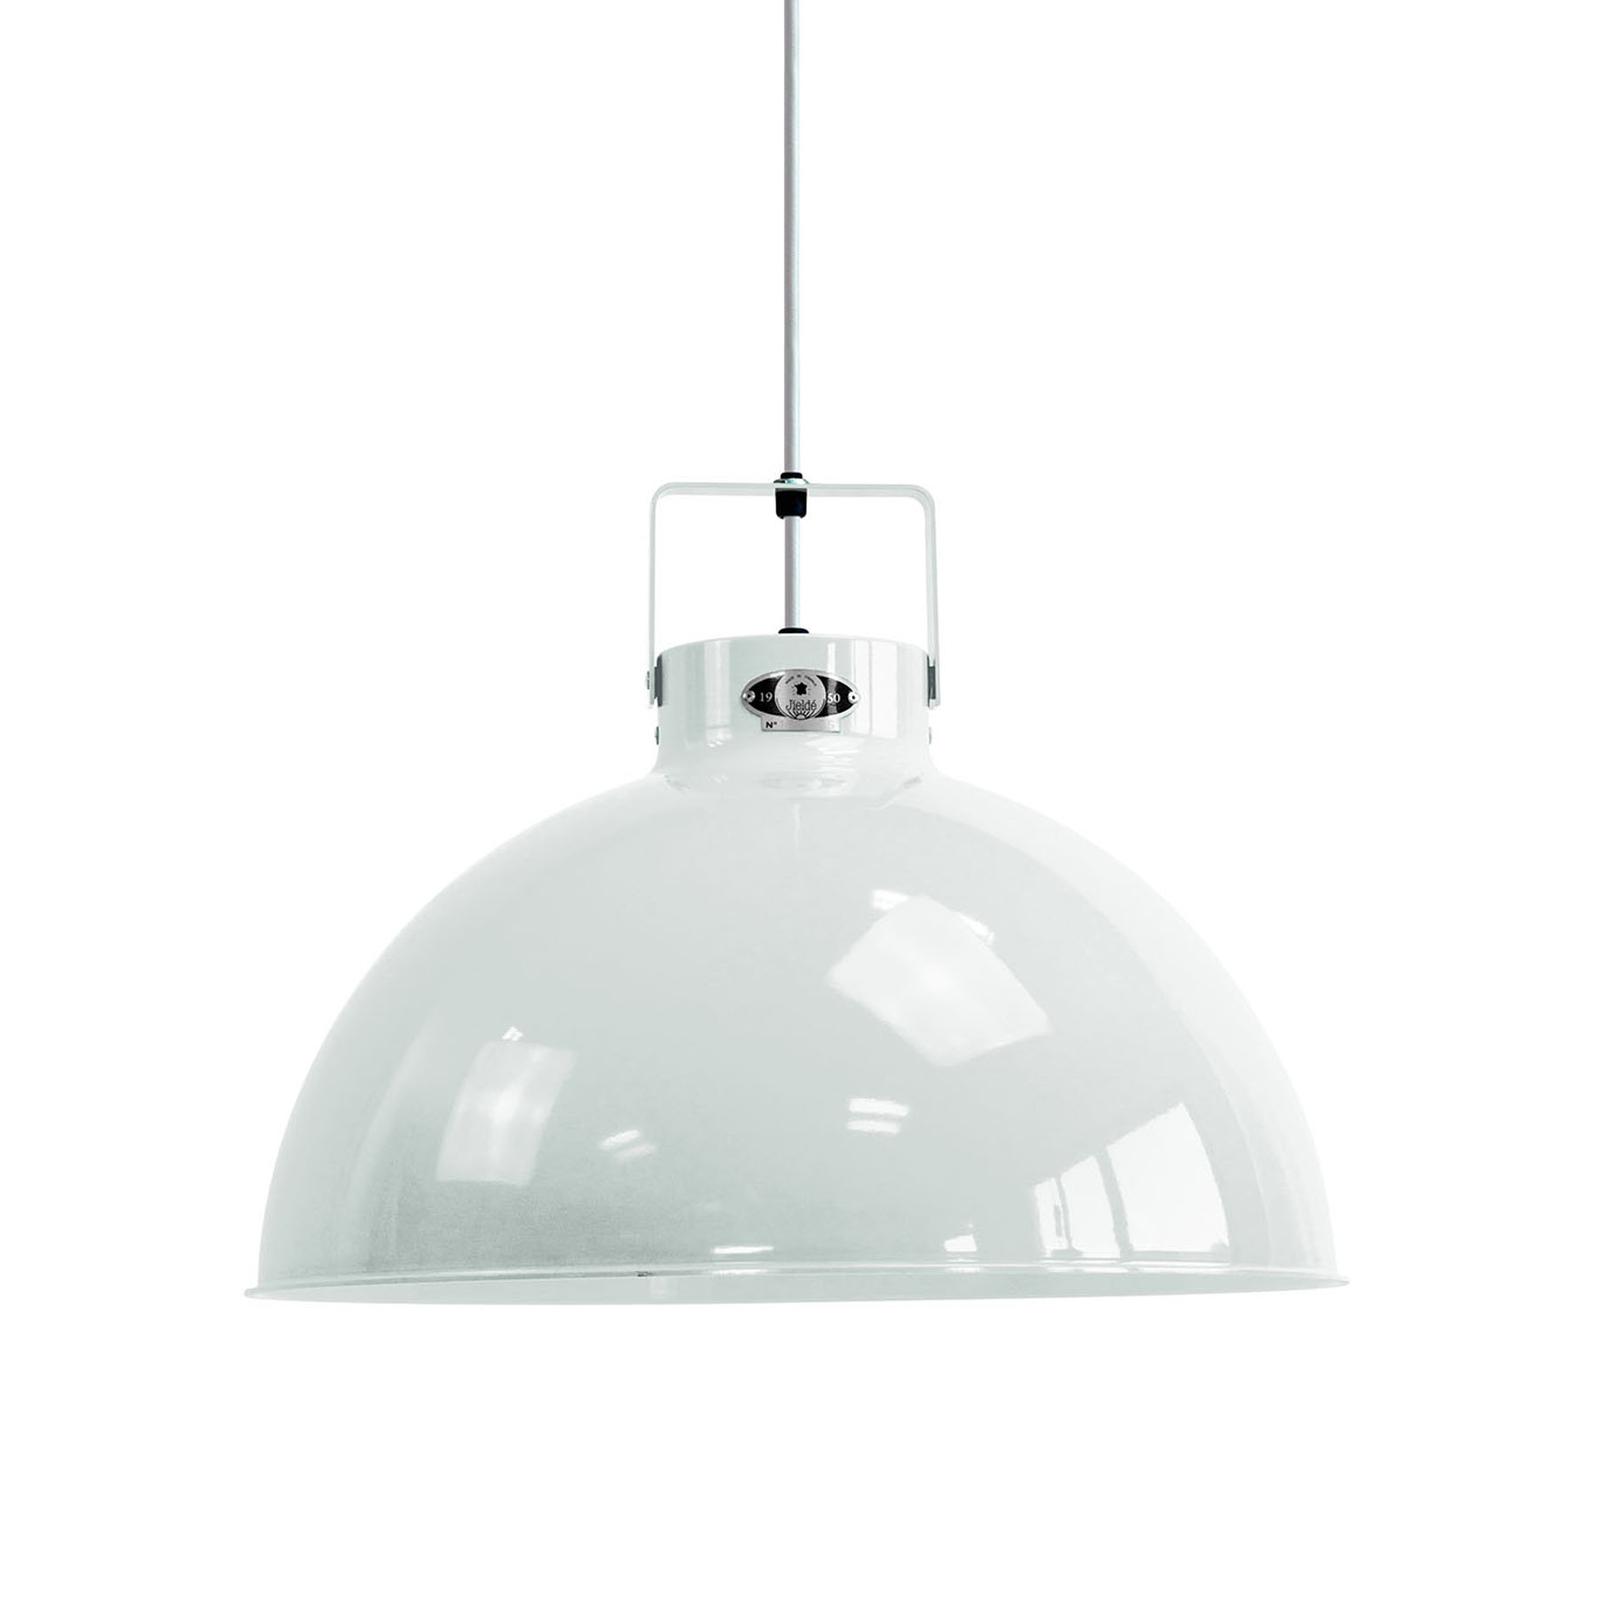 Jieldé Dante D450 hanglamp, wit, Ø 45 cm